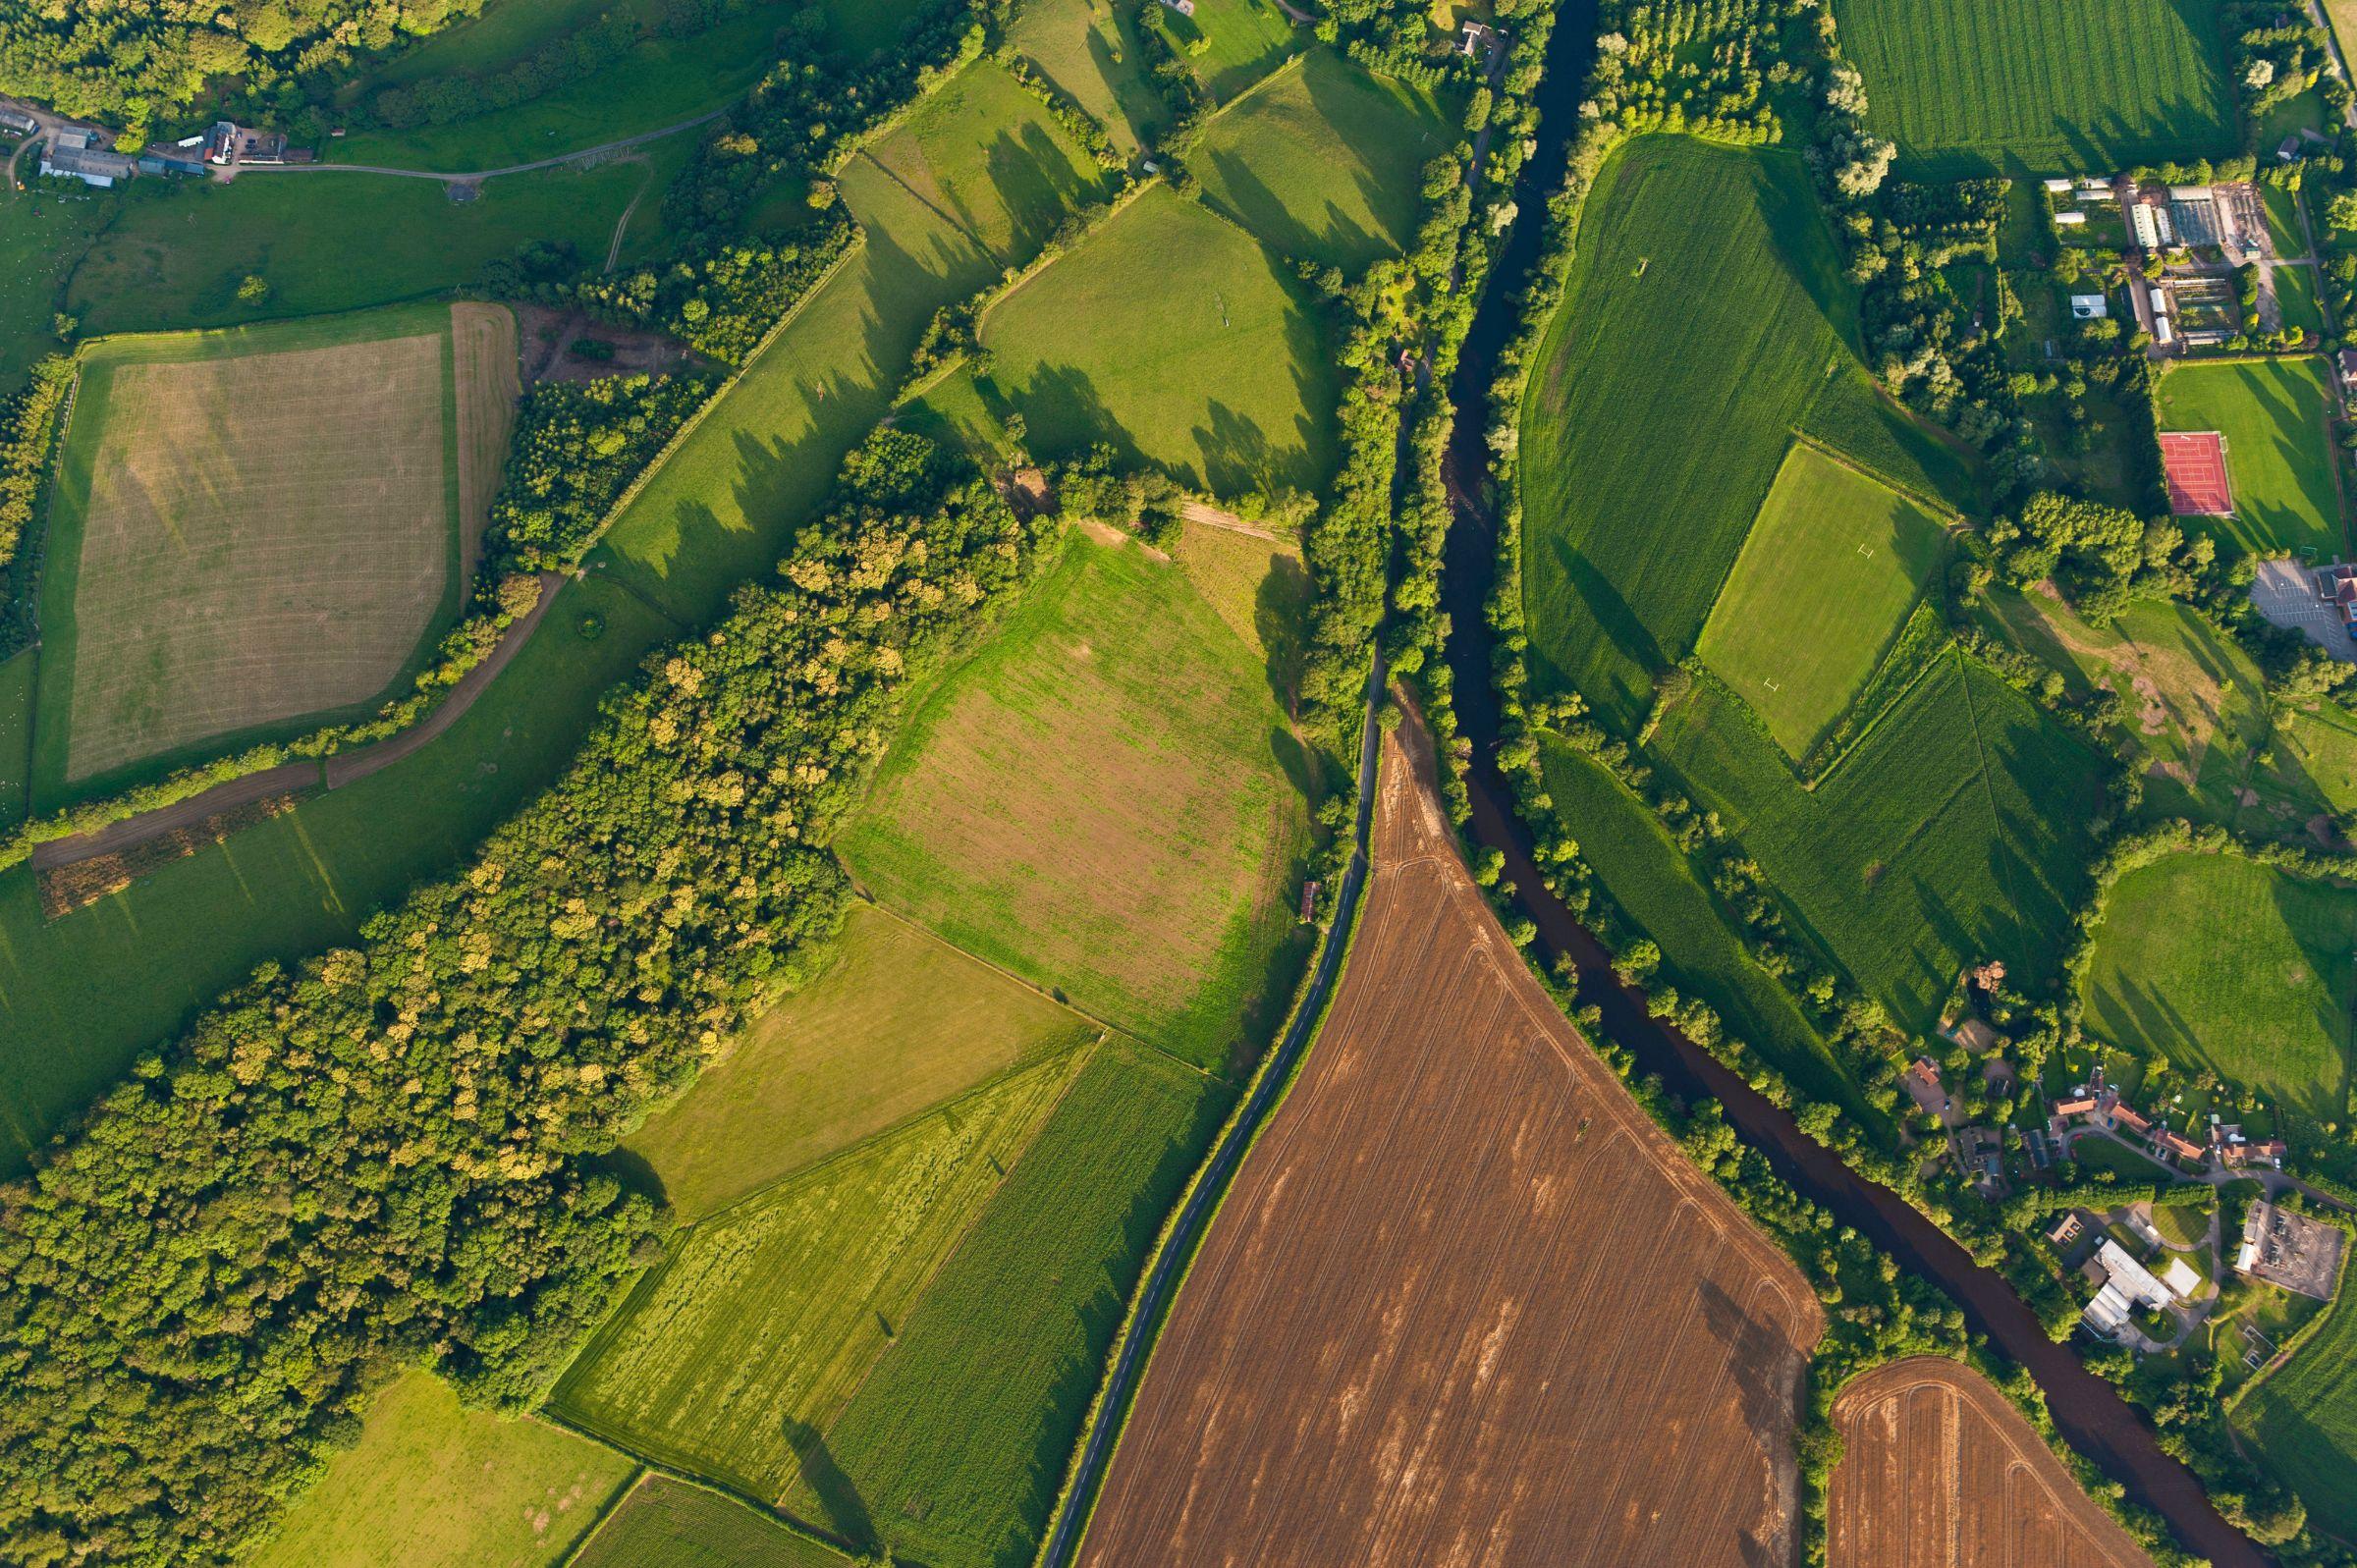 Tętniące życiem zielone uprawy, zaorane pola i pastwiska, żywopłoty i lasy otaczające farmy i wiejskie domy obok idyllicznego wiejskiego krajobrazu z góry.